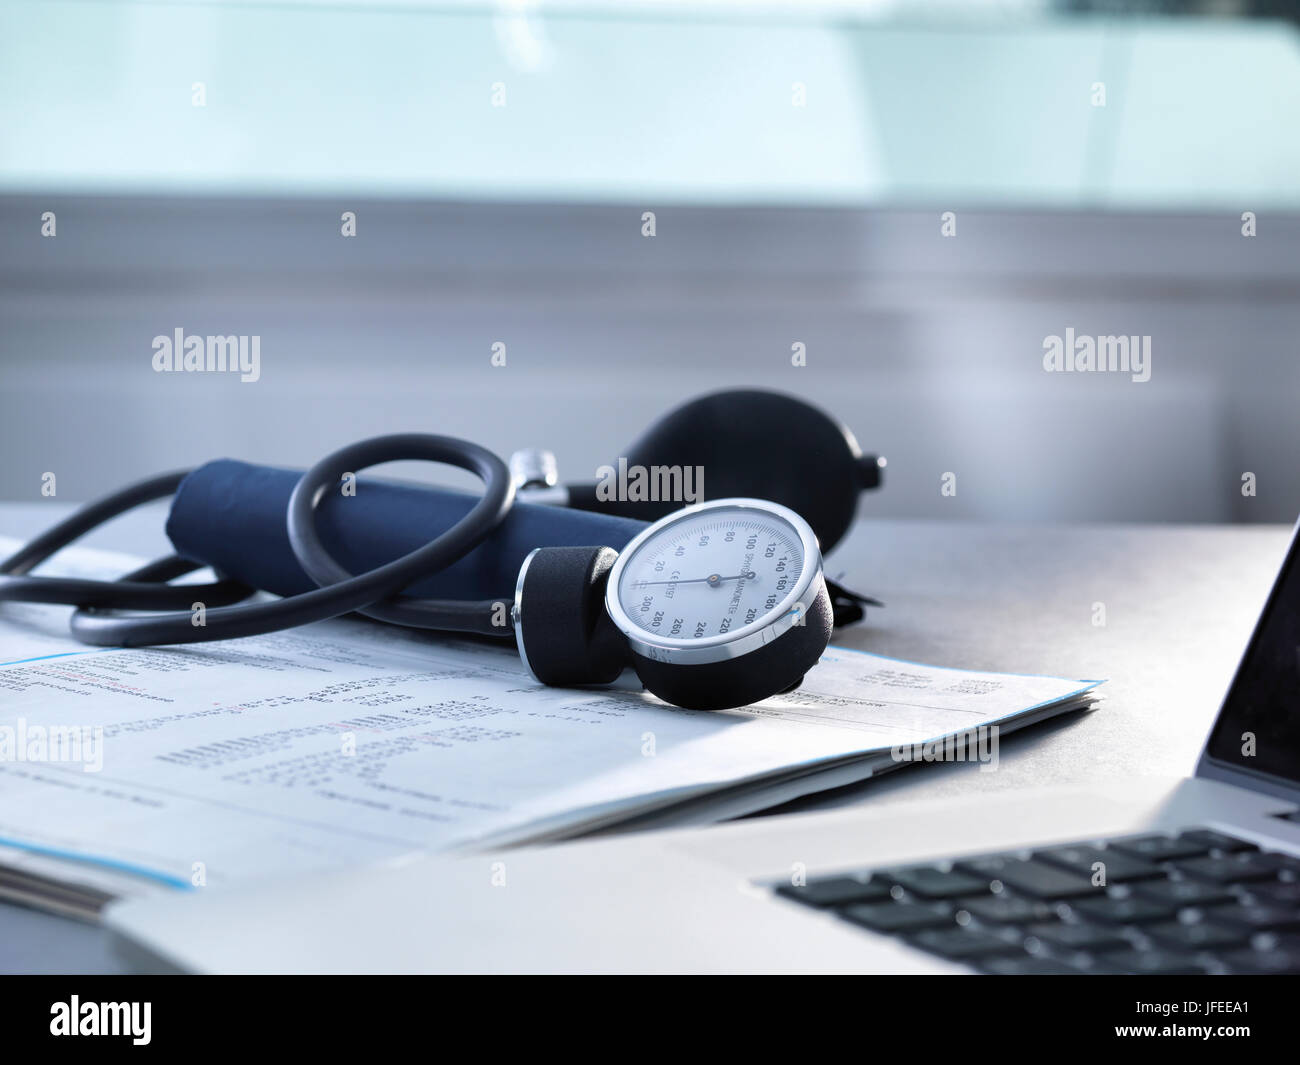 Blood pressure gauge sitting on a doctors desk. - Stock Image